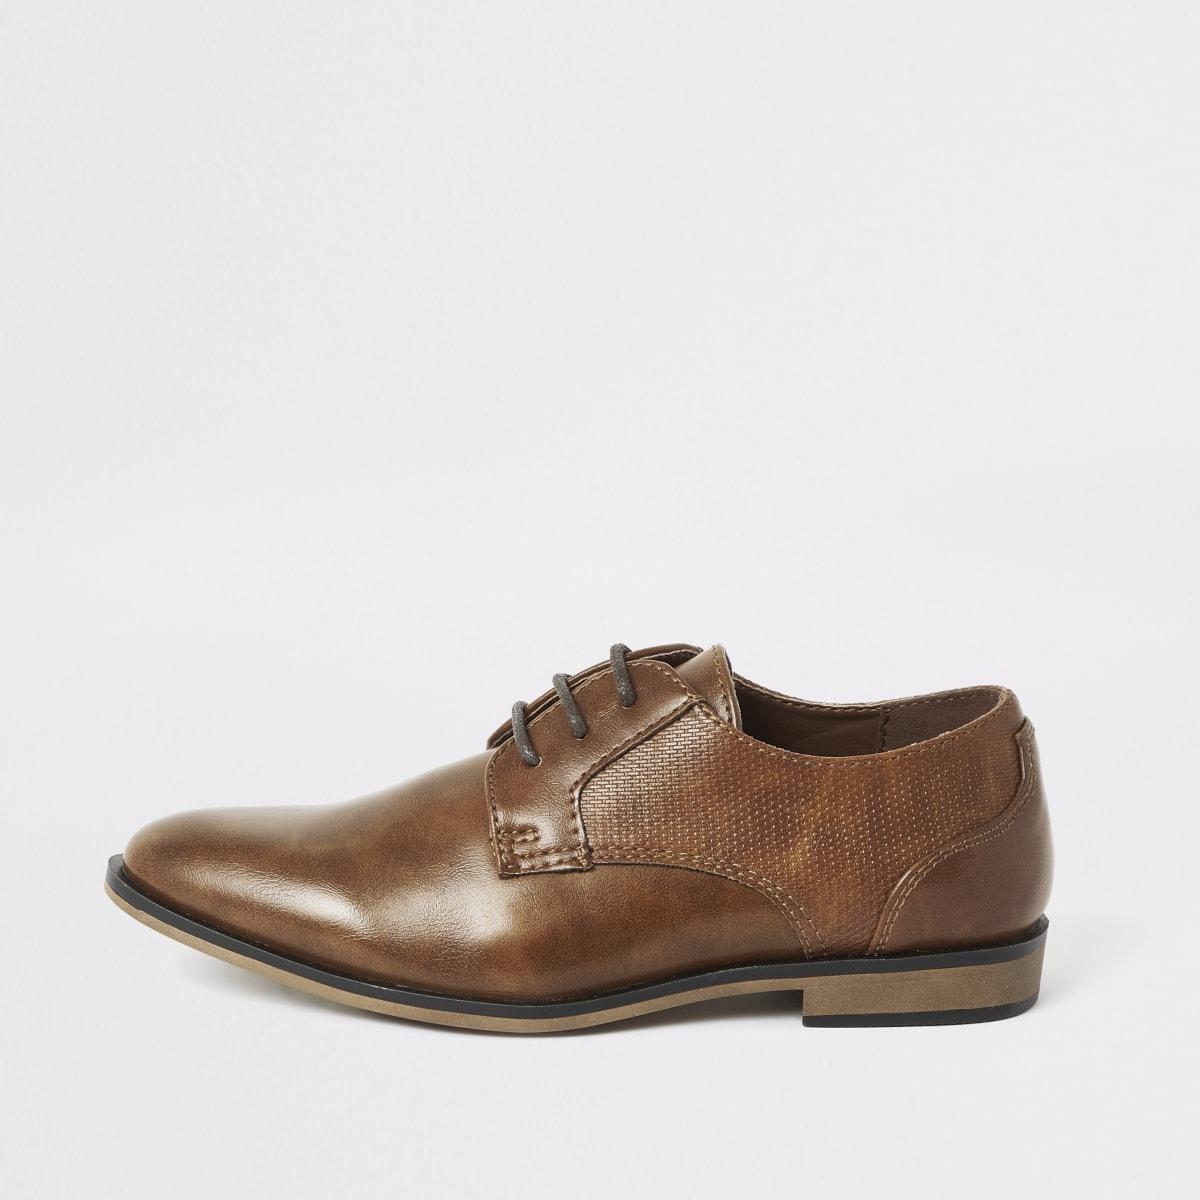 Bruine schoenen met veters en puntneus voor jongens